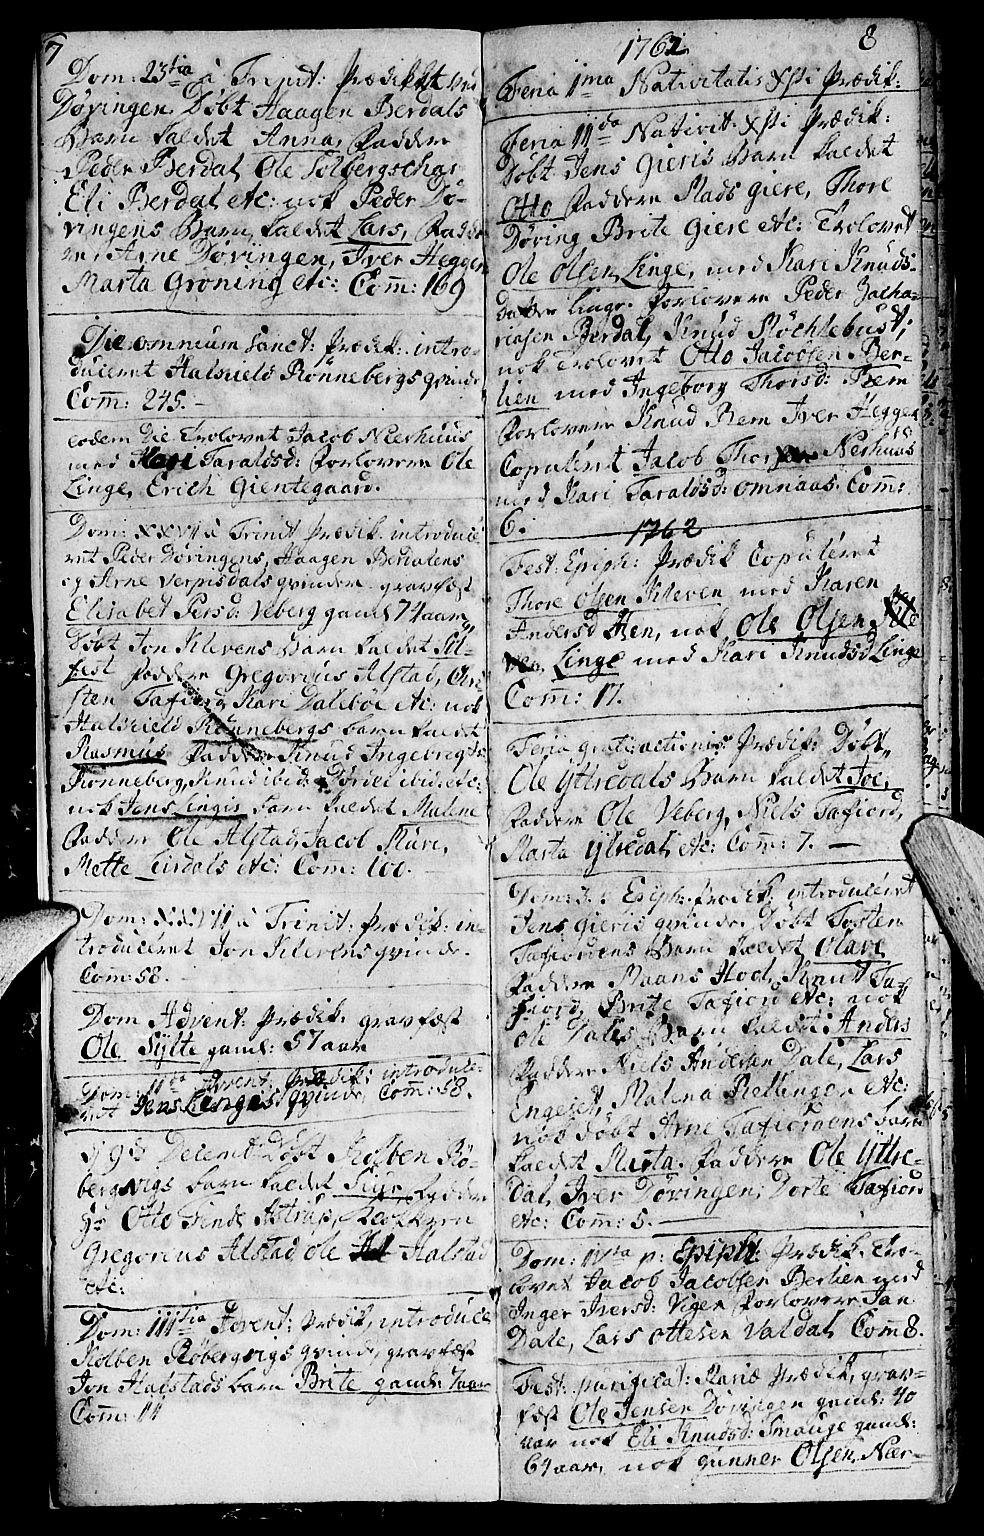 SAT, Ministerialprotokoller, klokkerbøker og fødselsregistre - Møre og Romsdal, 519/L0243: Ministerialbok nr. 519A02, 1760-1770, s. 7-8